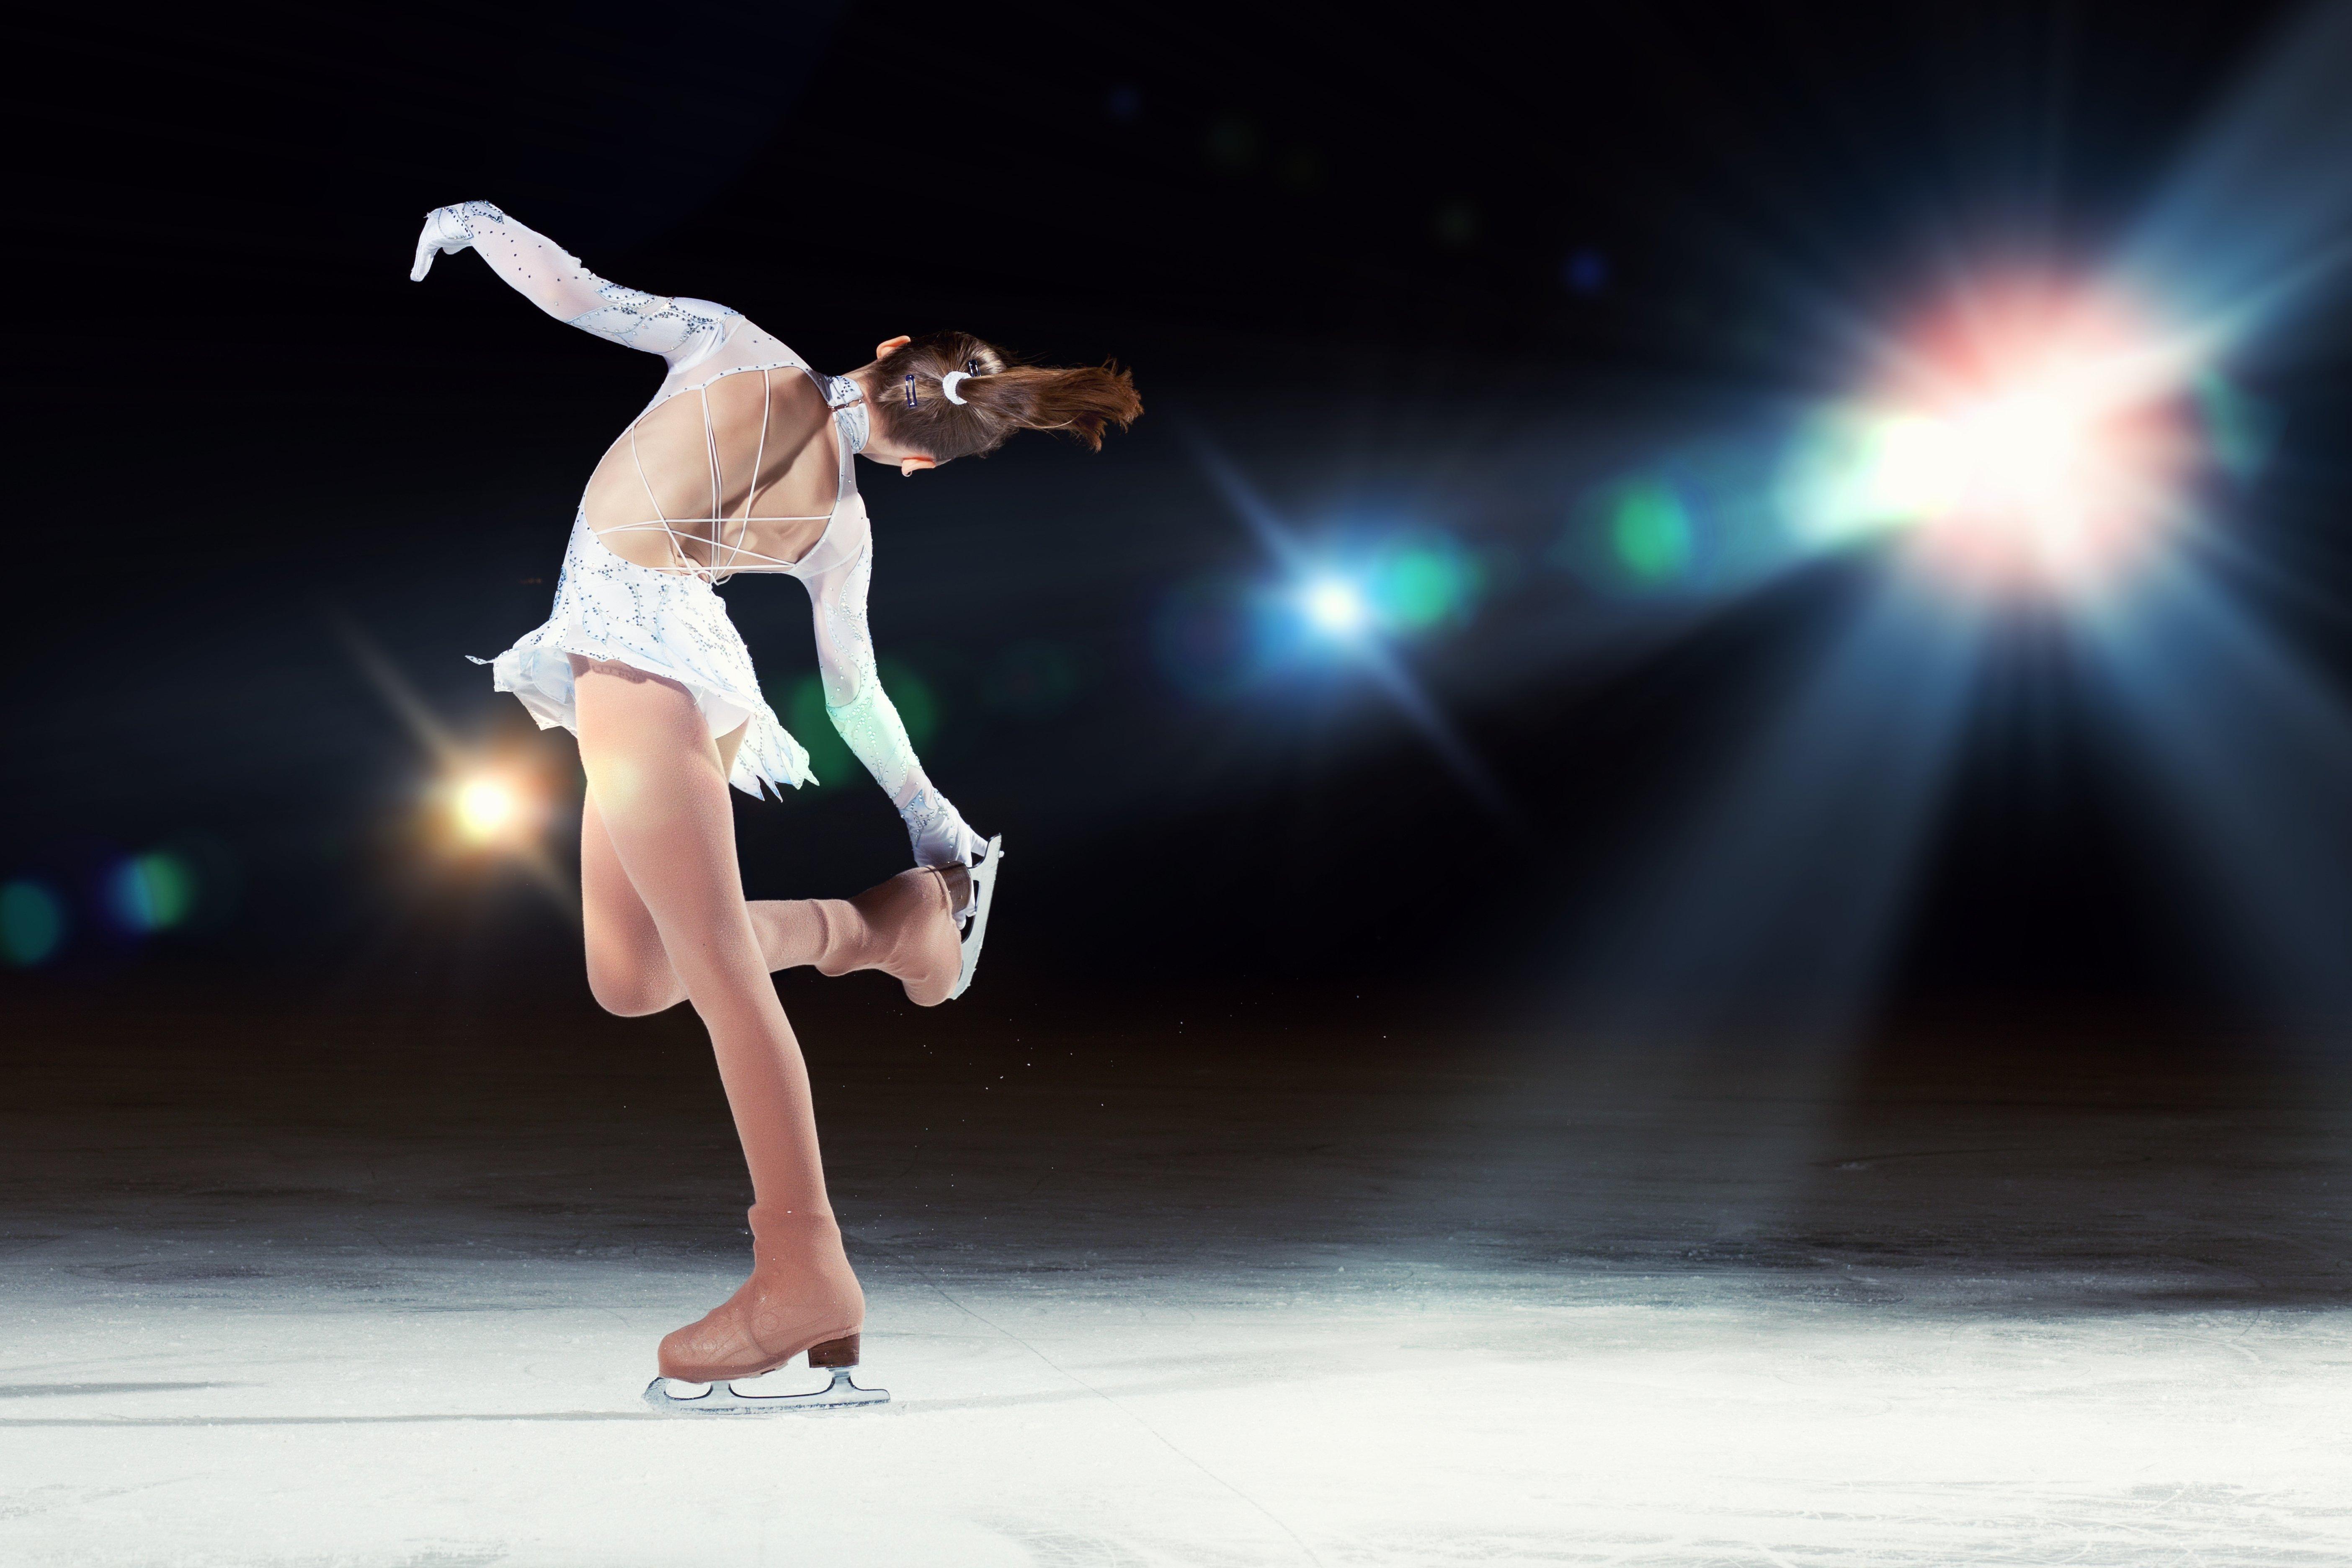 una bambina durante un'esibizione di pattinaggio artistico sul ghiaccio